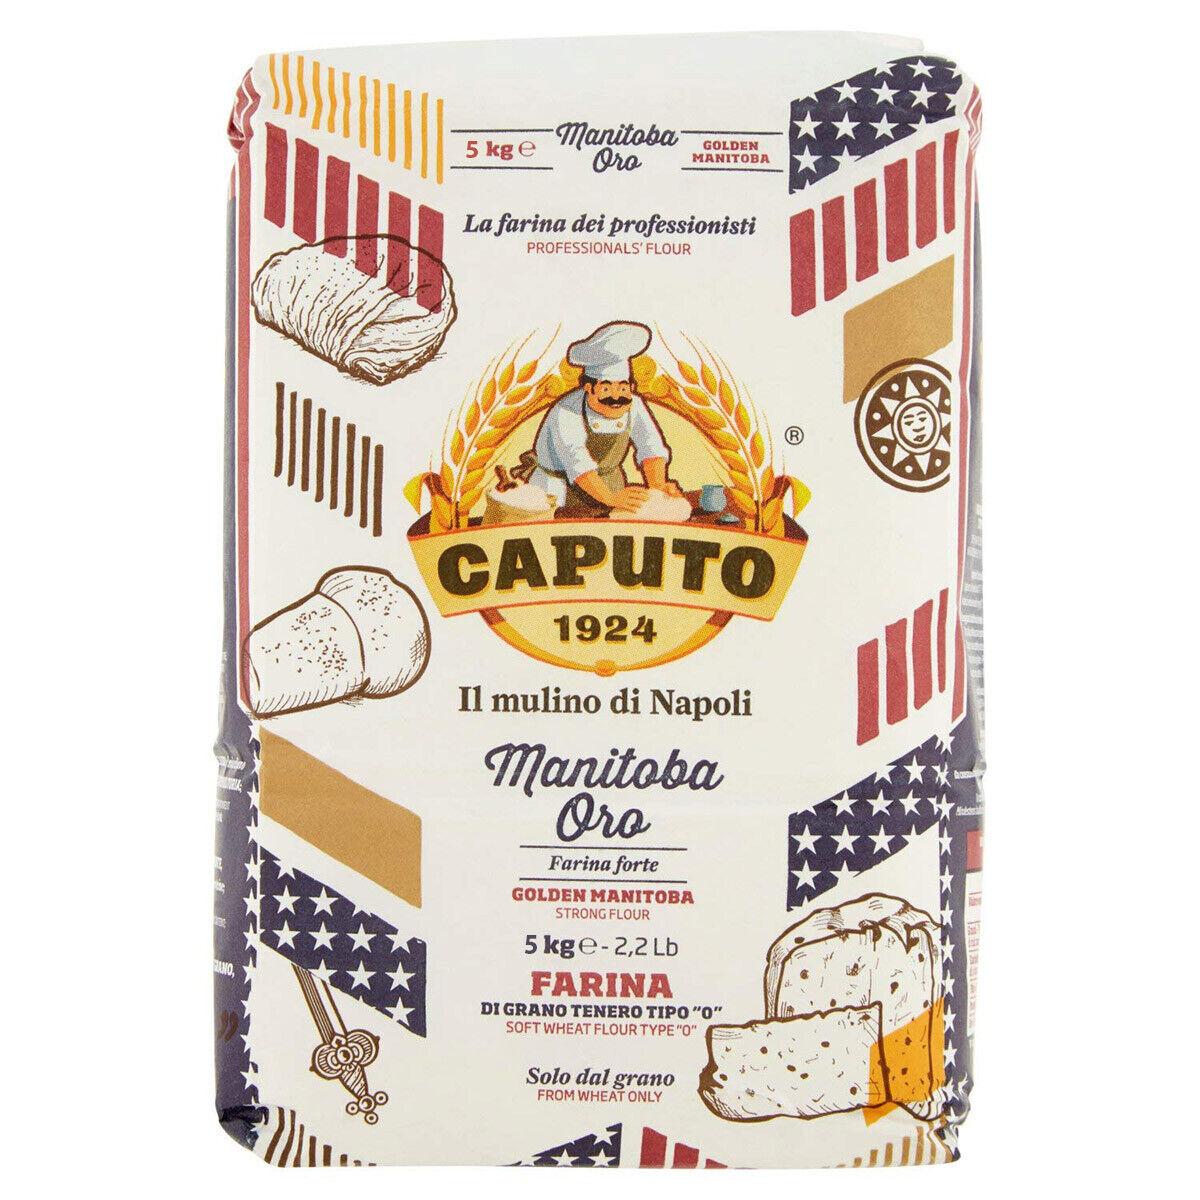 Coupon Gastronomia eBay.it Farina Caputo Manitoba Oro 5kg Tipo 0 Pizza Dolci Panettoni Torte Pasticceria